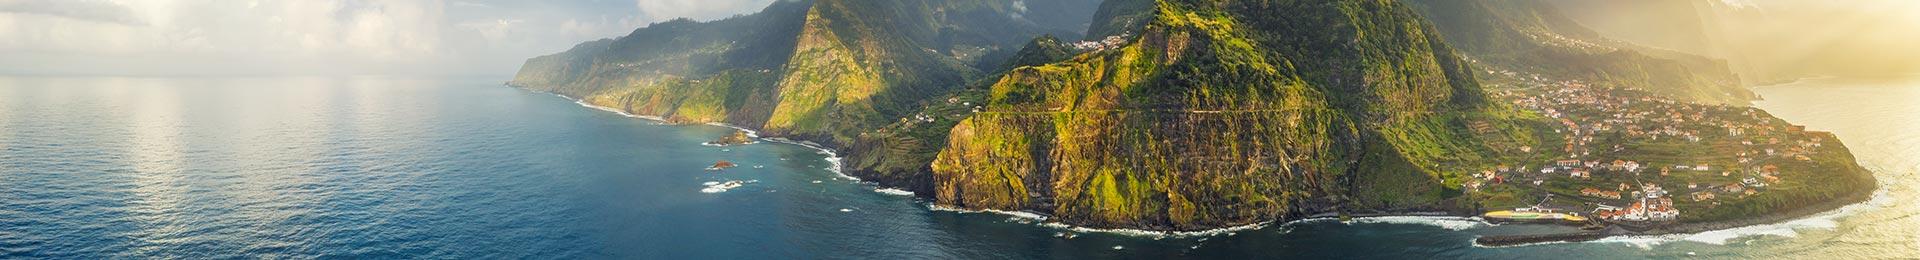 Острів Мадейра. Прогулянки біля океану